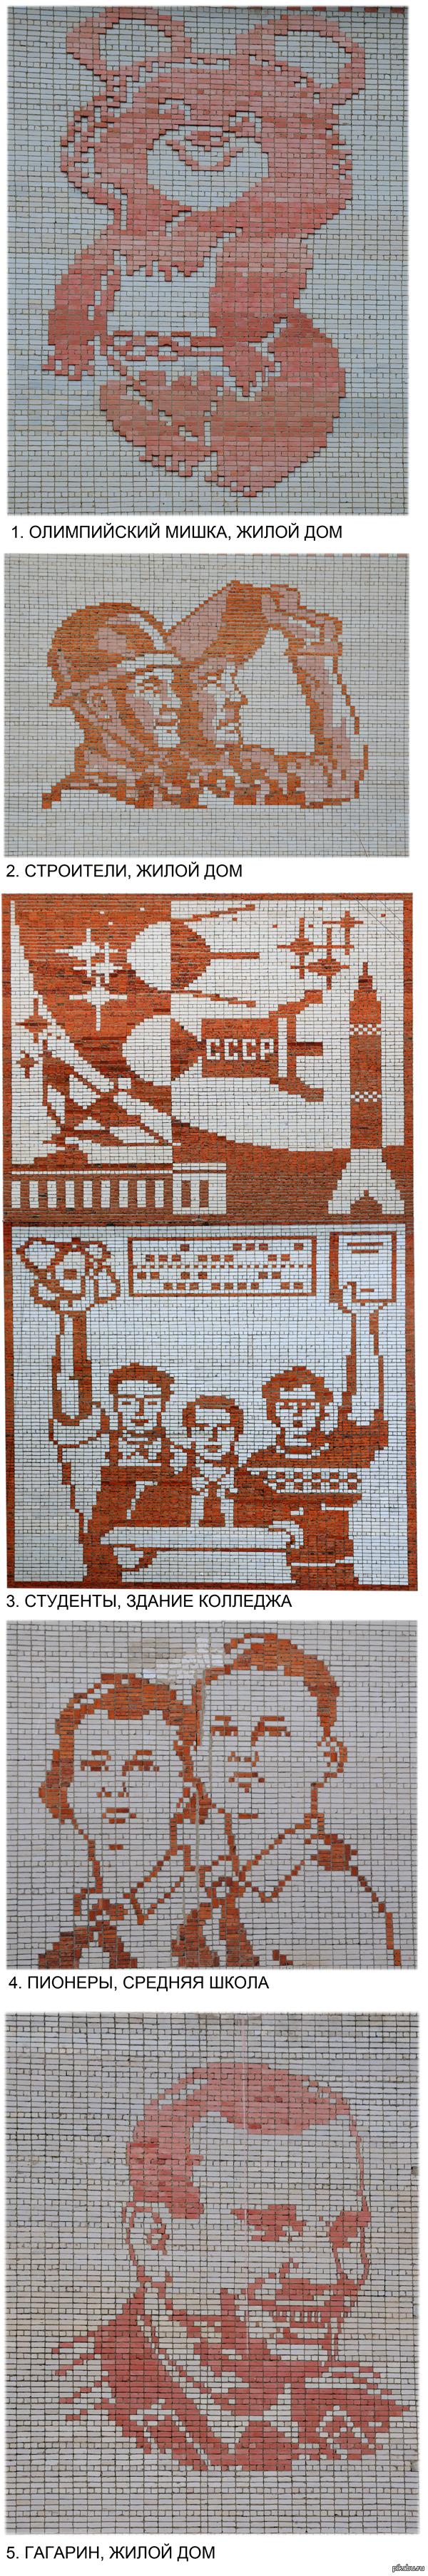 Советский пиксельарт Вот такие рисунки на зданиях оставили в память о себе советские строители.